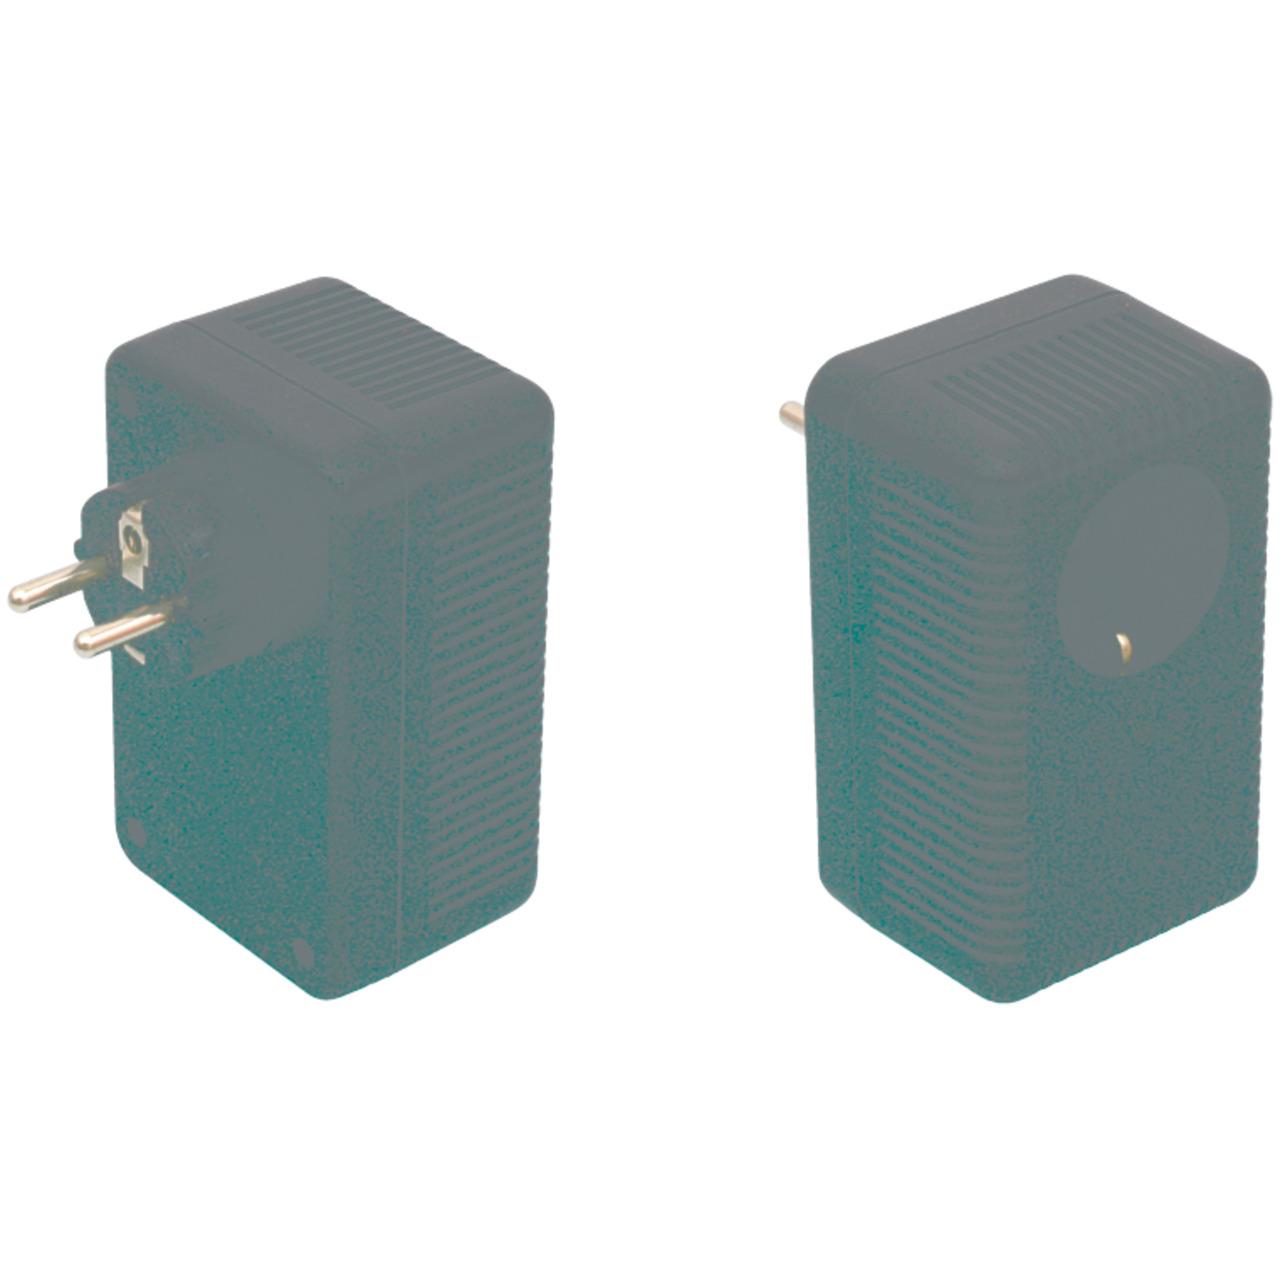 Strapubox Stecker-Gehäuse SG 322B ABS 112 x 68 x 73 mm- schwarz